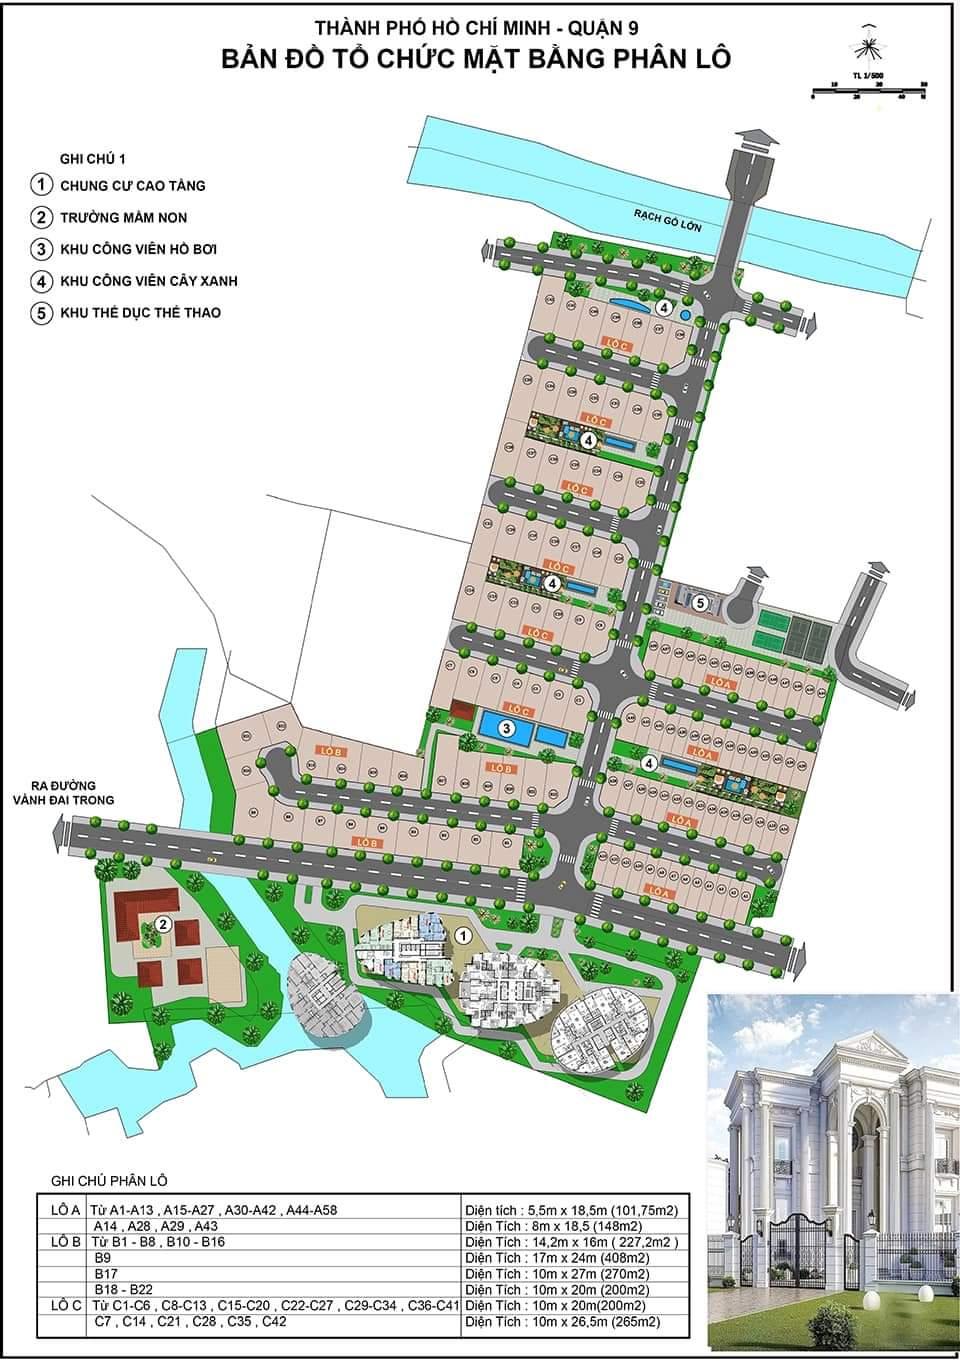 Mặt bằng dự án nhà phố biệt thự Armena Quận 9 Khang Điền.